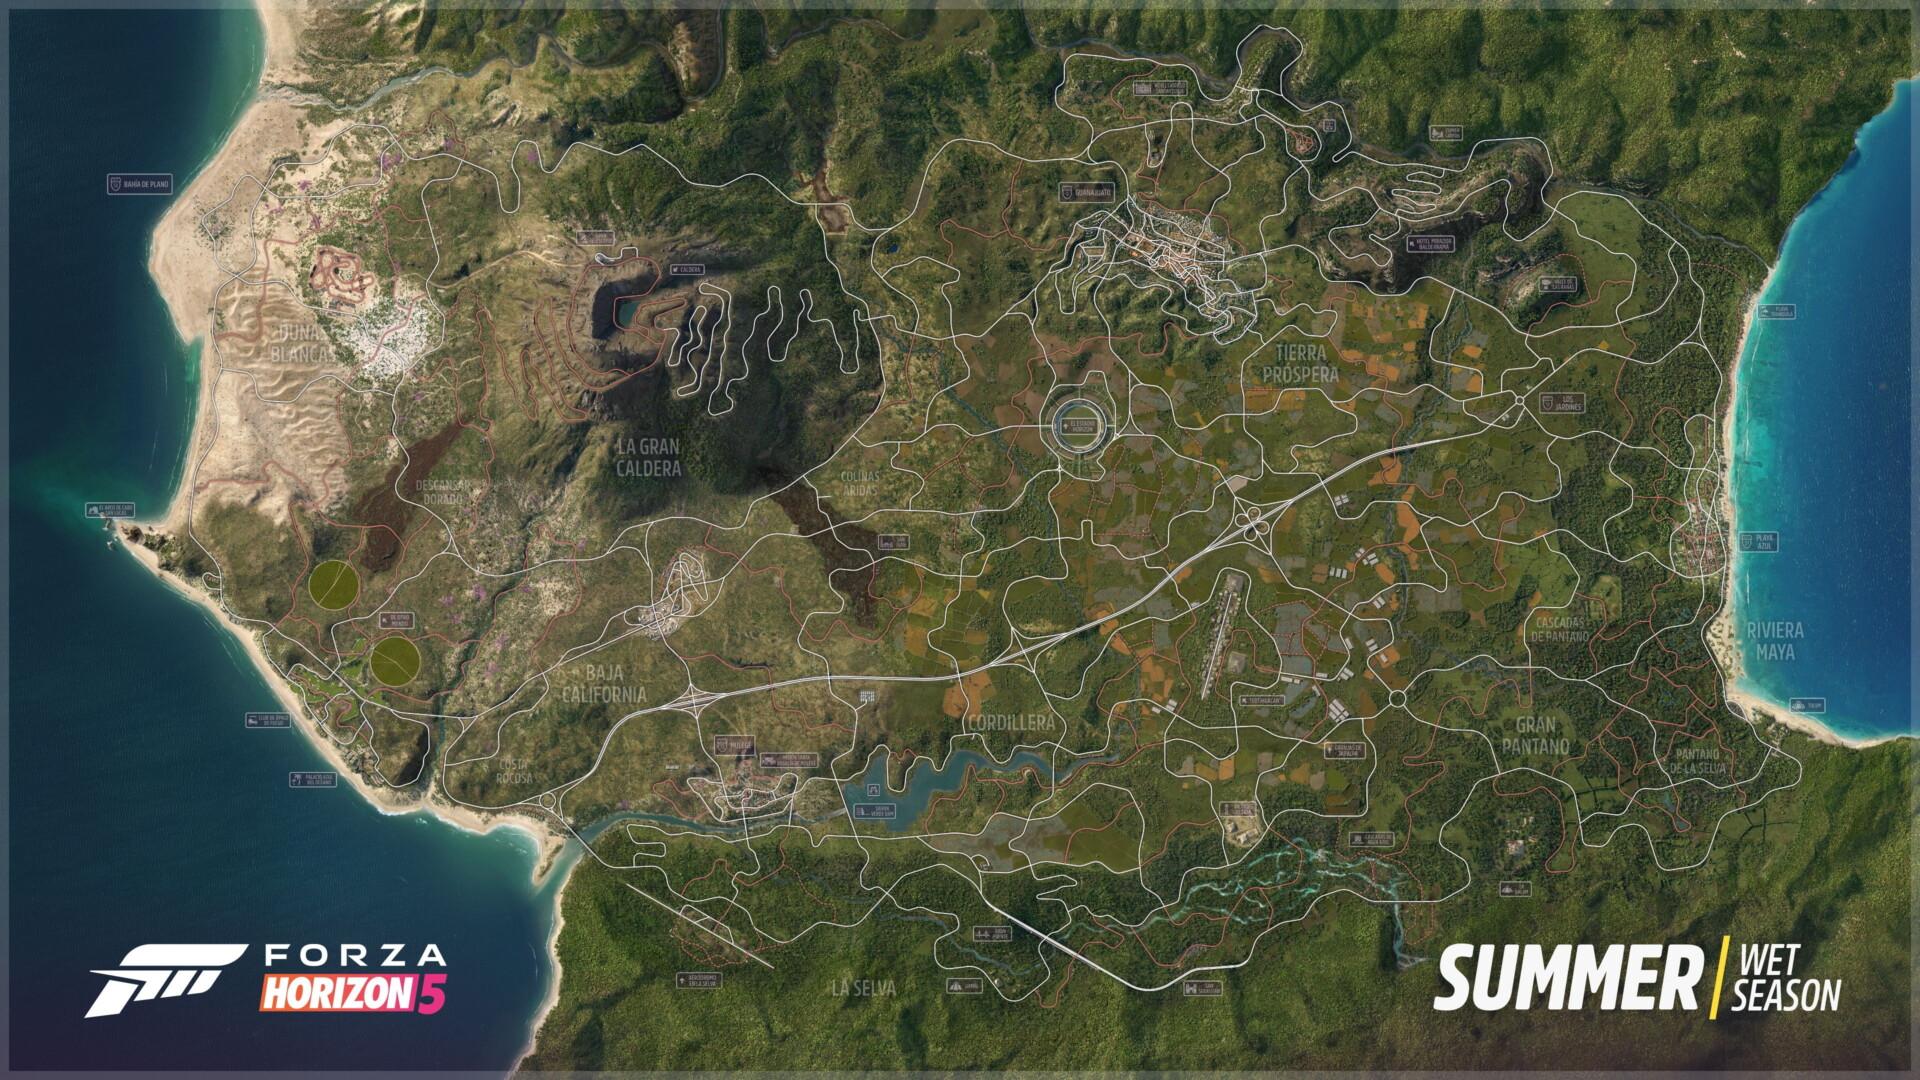 Forza Horizon 5 Full Map Of Mexico